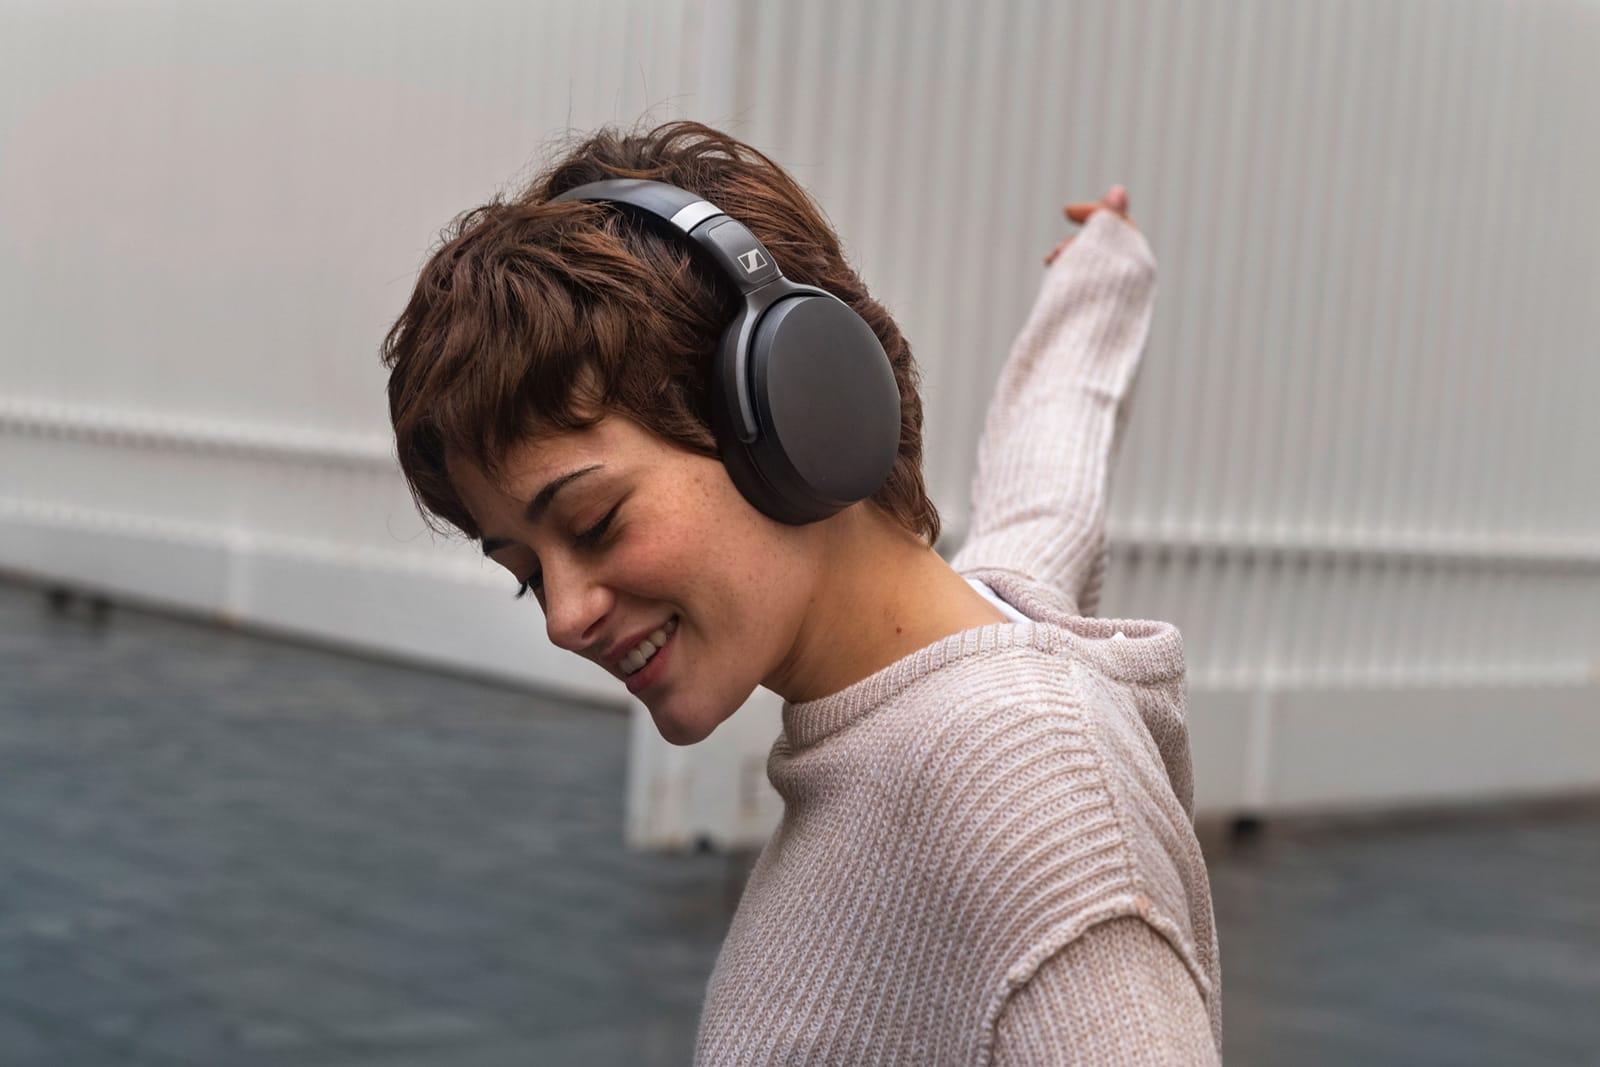 Sennheiser's latest over-ear wireless headphones offer affordable ANC